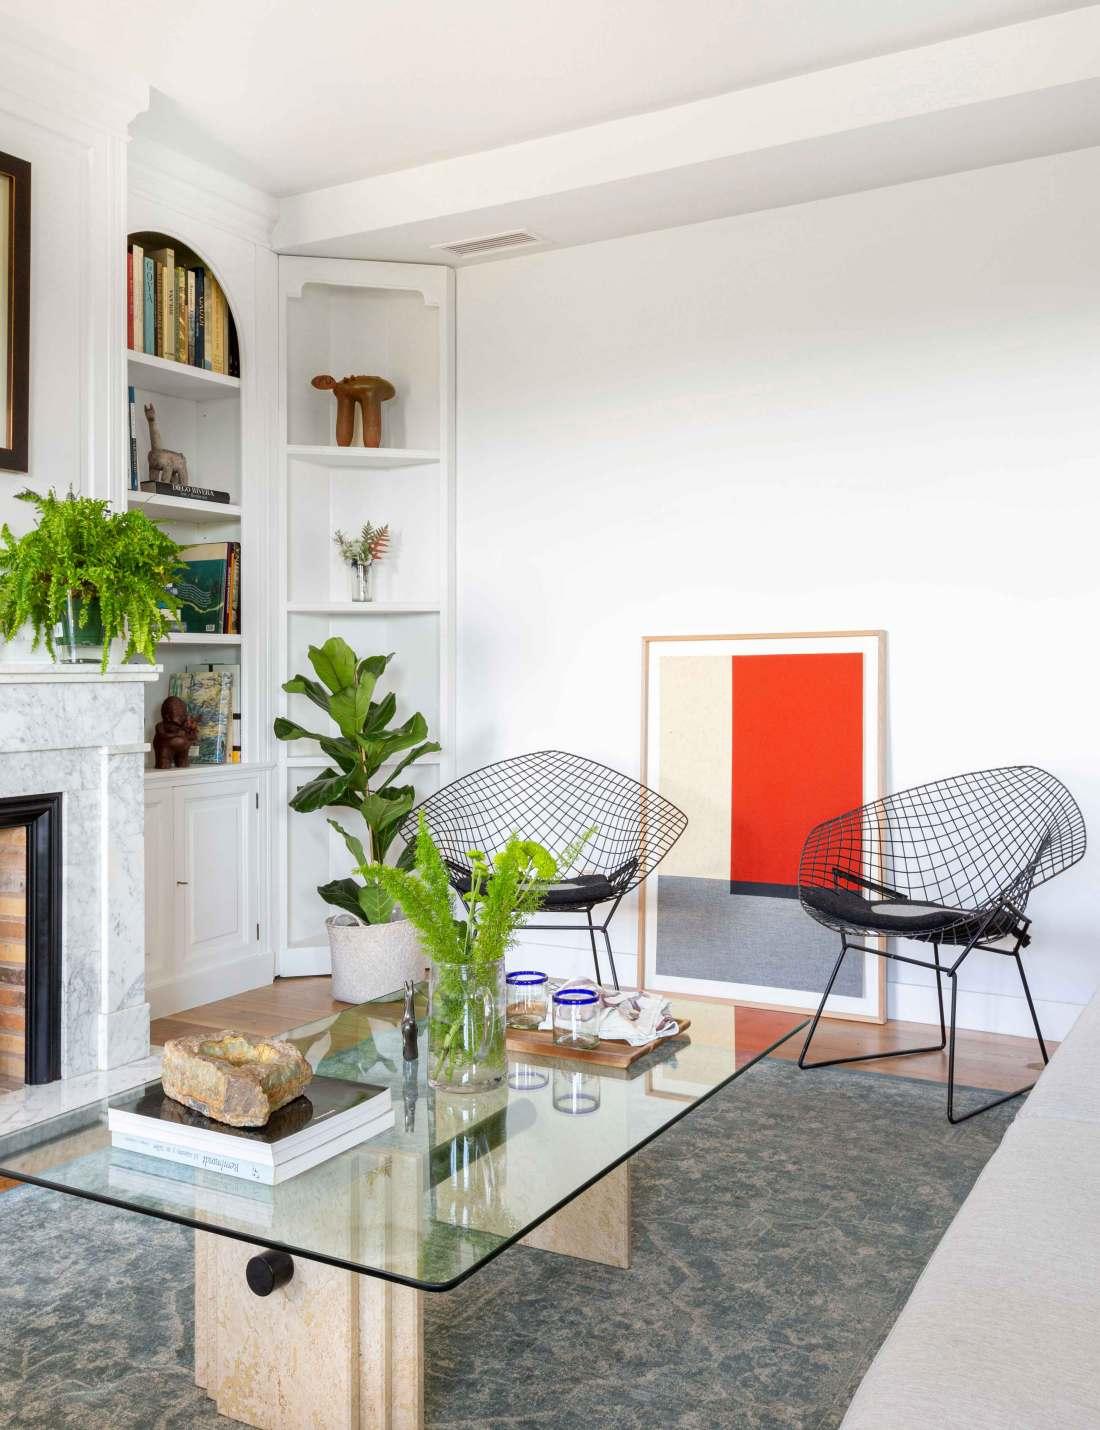 Señorial, de diseño, luminosa y con color ¡esta casa aúna todo!